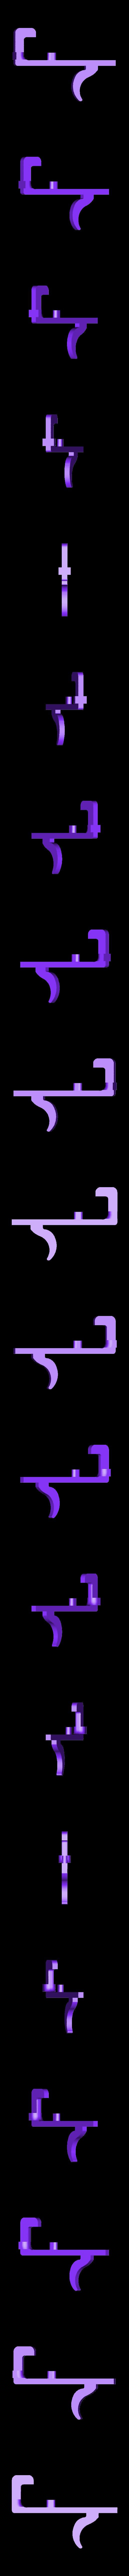 ok (3).stl Télécharger fichier STL gratuit pistolet fonctionnel gun • Objet pour imprimante 3D, jolafrite342